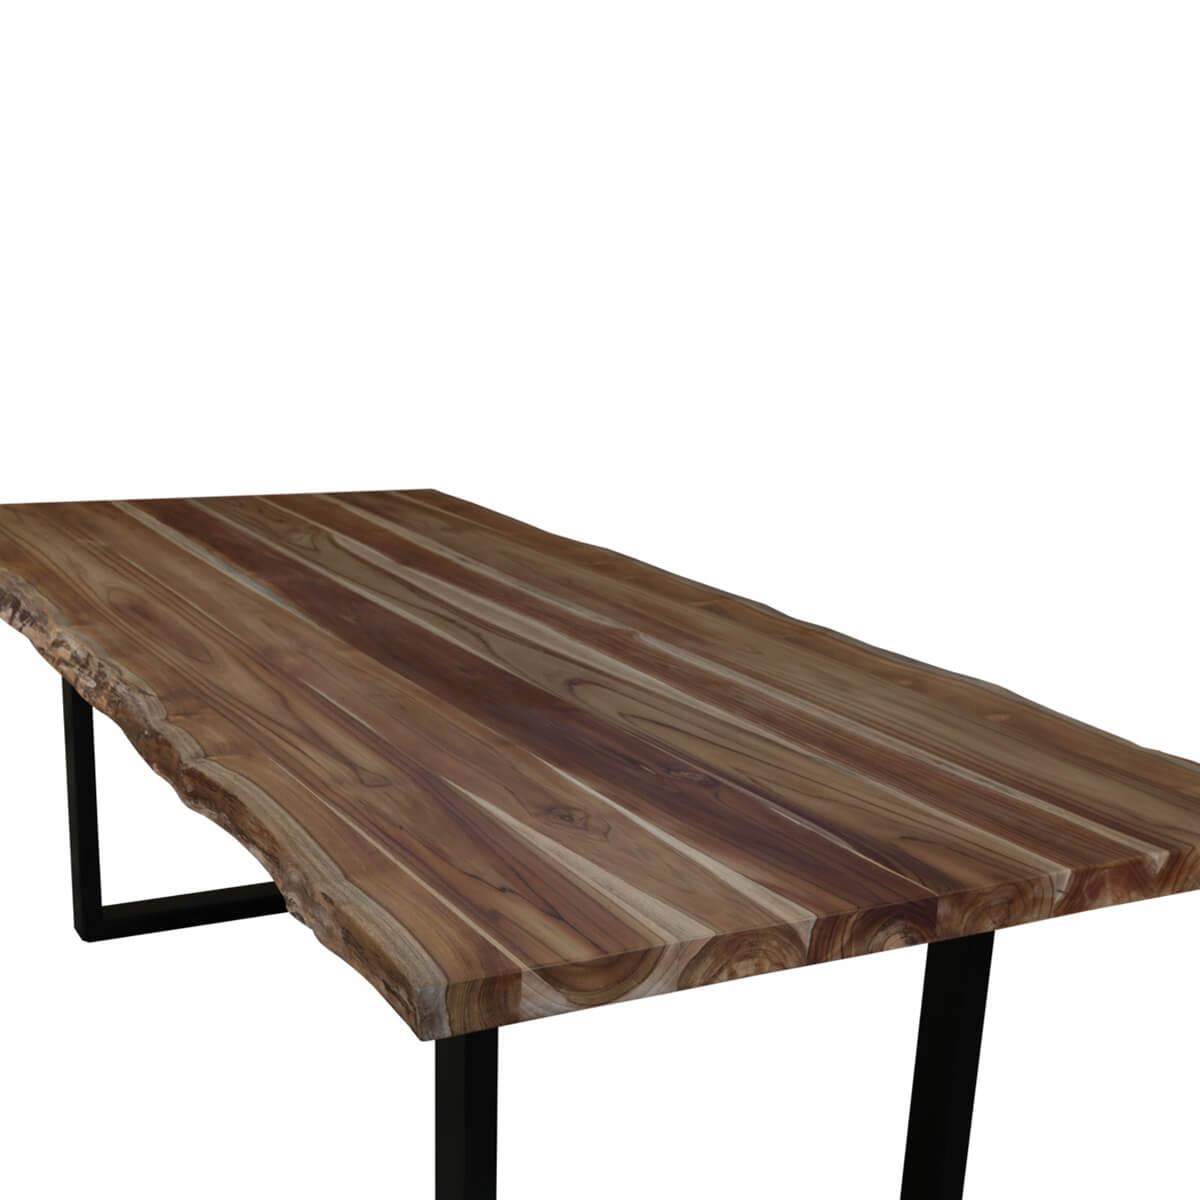 Coffee Table Teak Live Edge: Copenhagen Teak Wood Single Slab Live Edge Large Dining Table